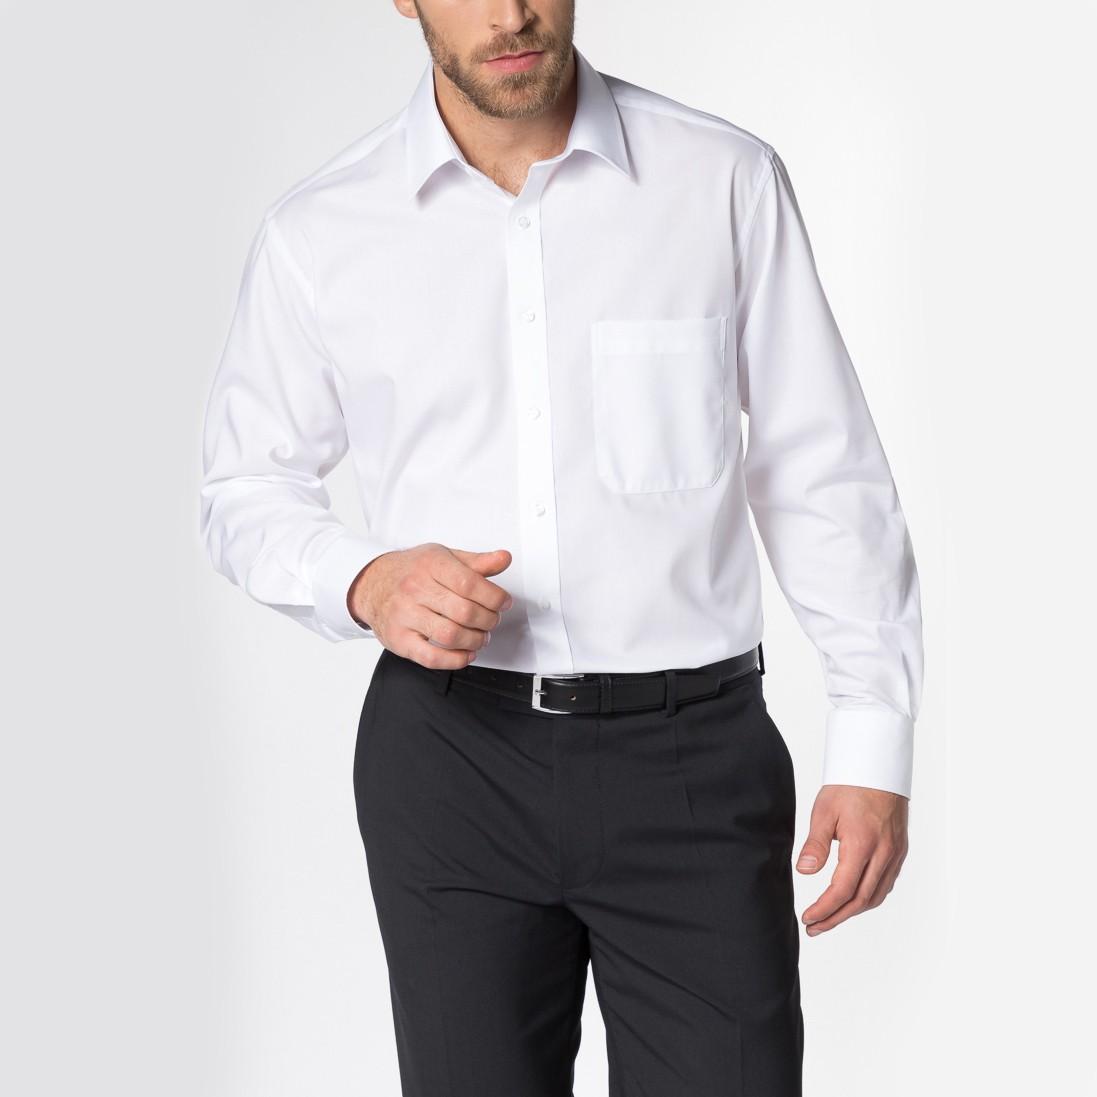 Langarm Hemd Comfort Fit Popeline Sonder-Armlänge Eterna® | bedrucken, besticken, bedrucken lassen, besticken lassen, mit Logo |